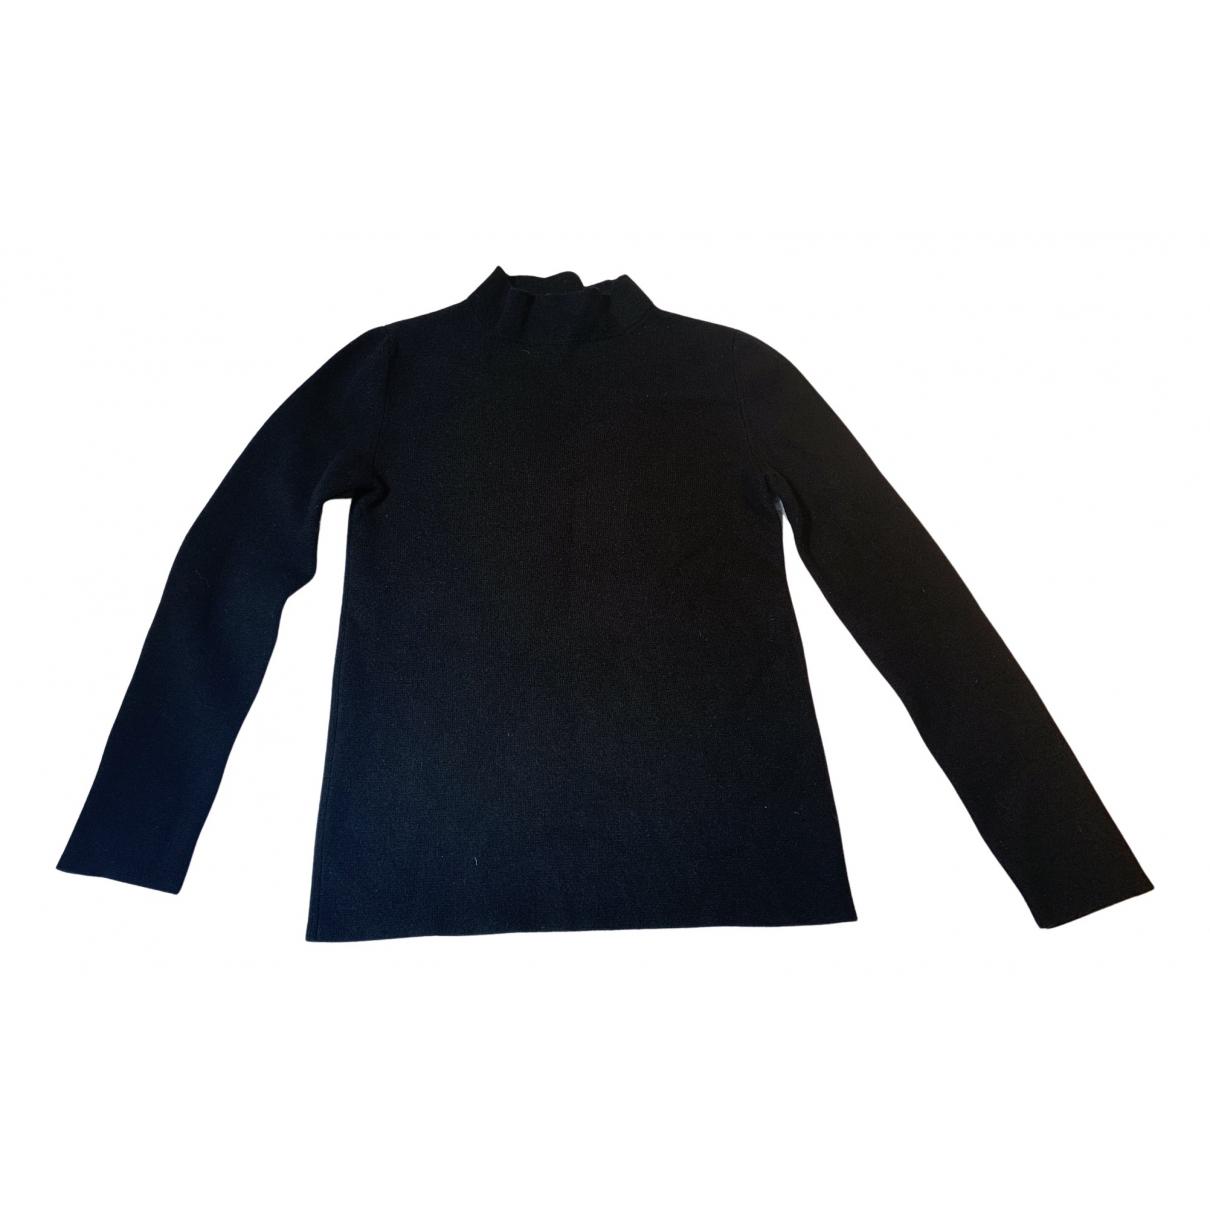 Marc Jacobs - Pull   pour femme en cachemire - noir